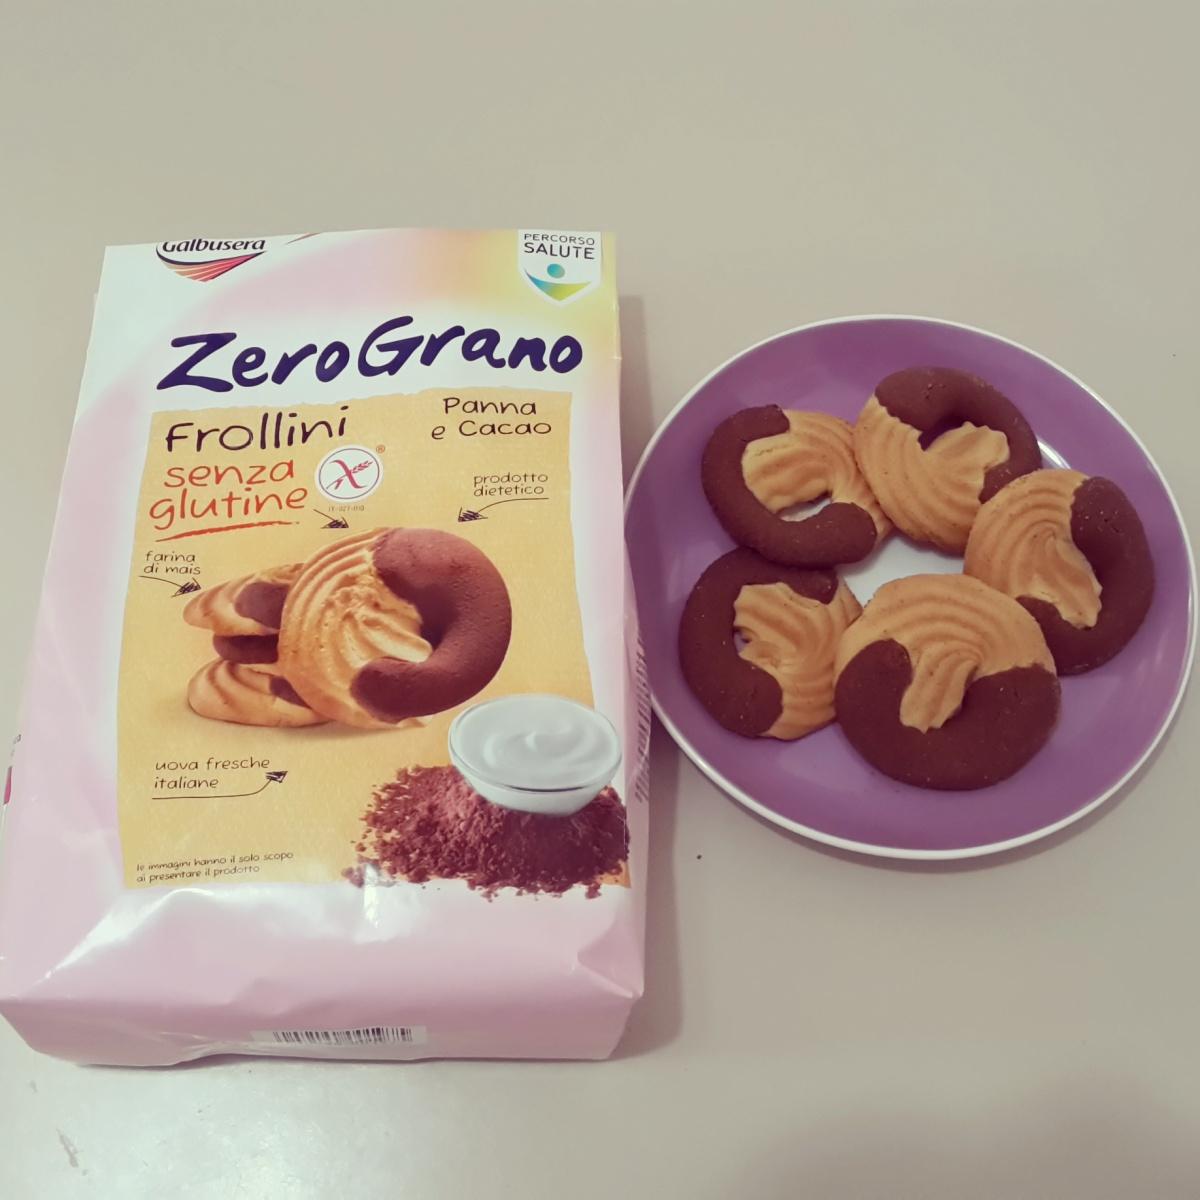 Frollini Zero Grano Galbusera